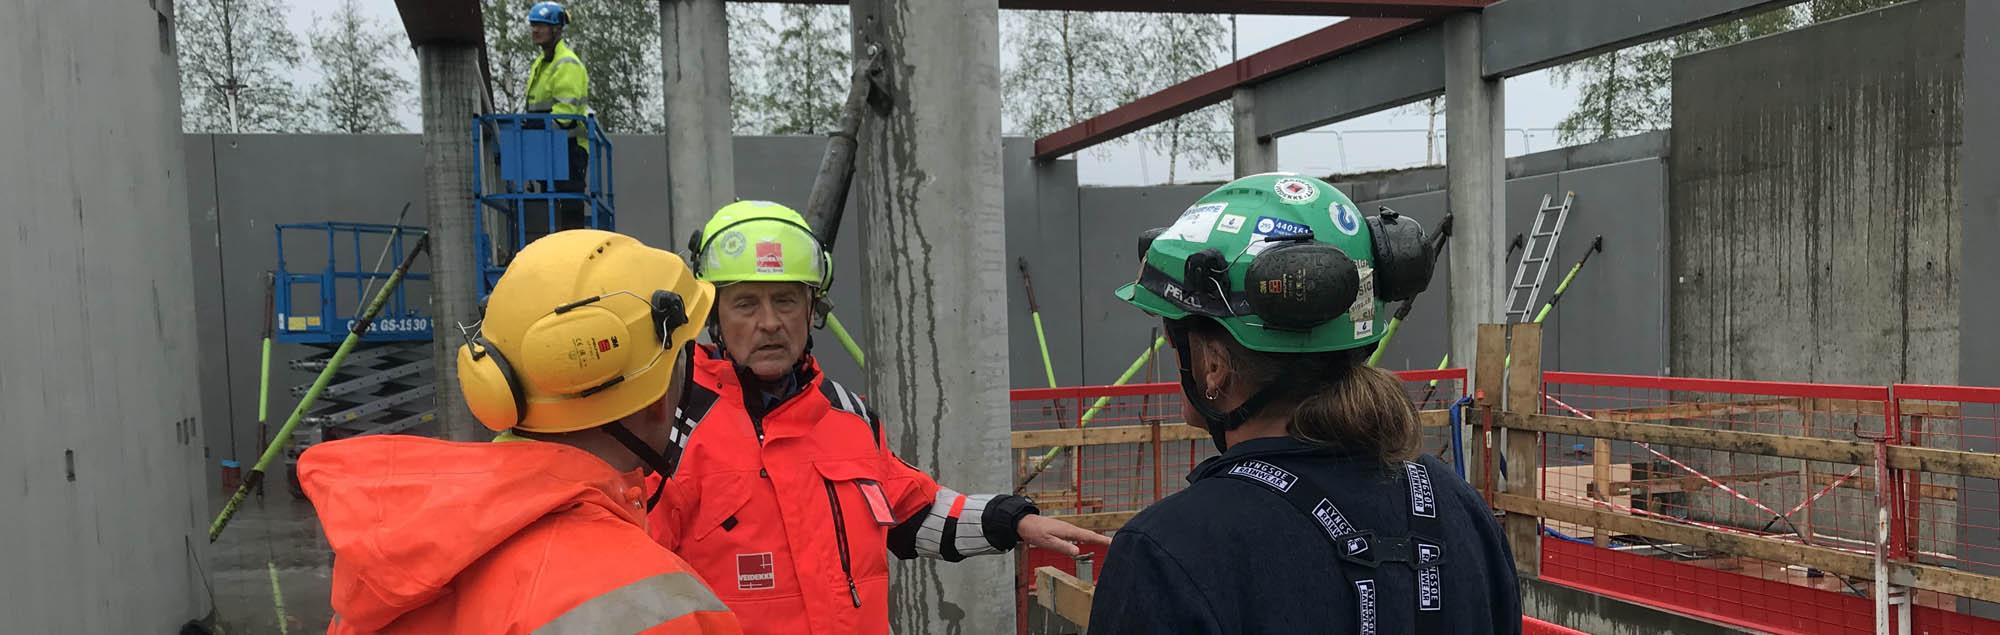 Samarbete för säkerhet inom byggnad och konstruktion